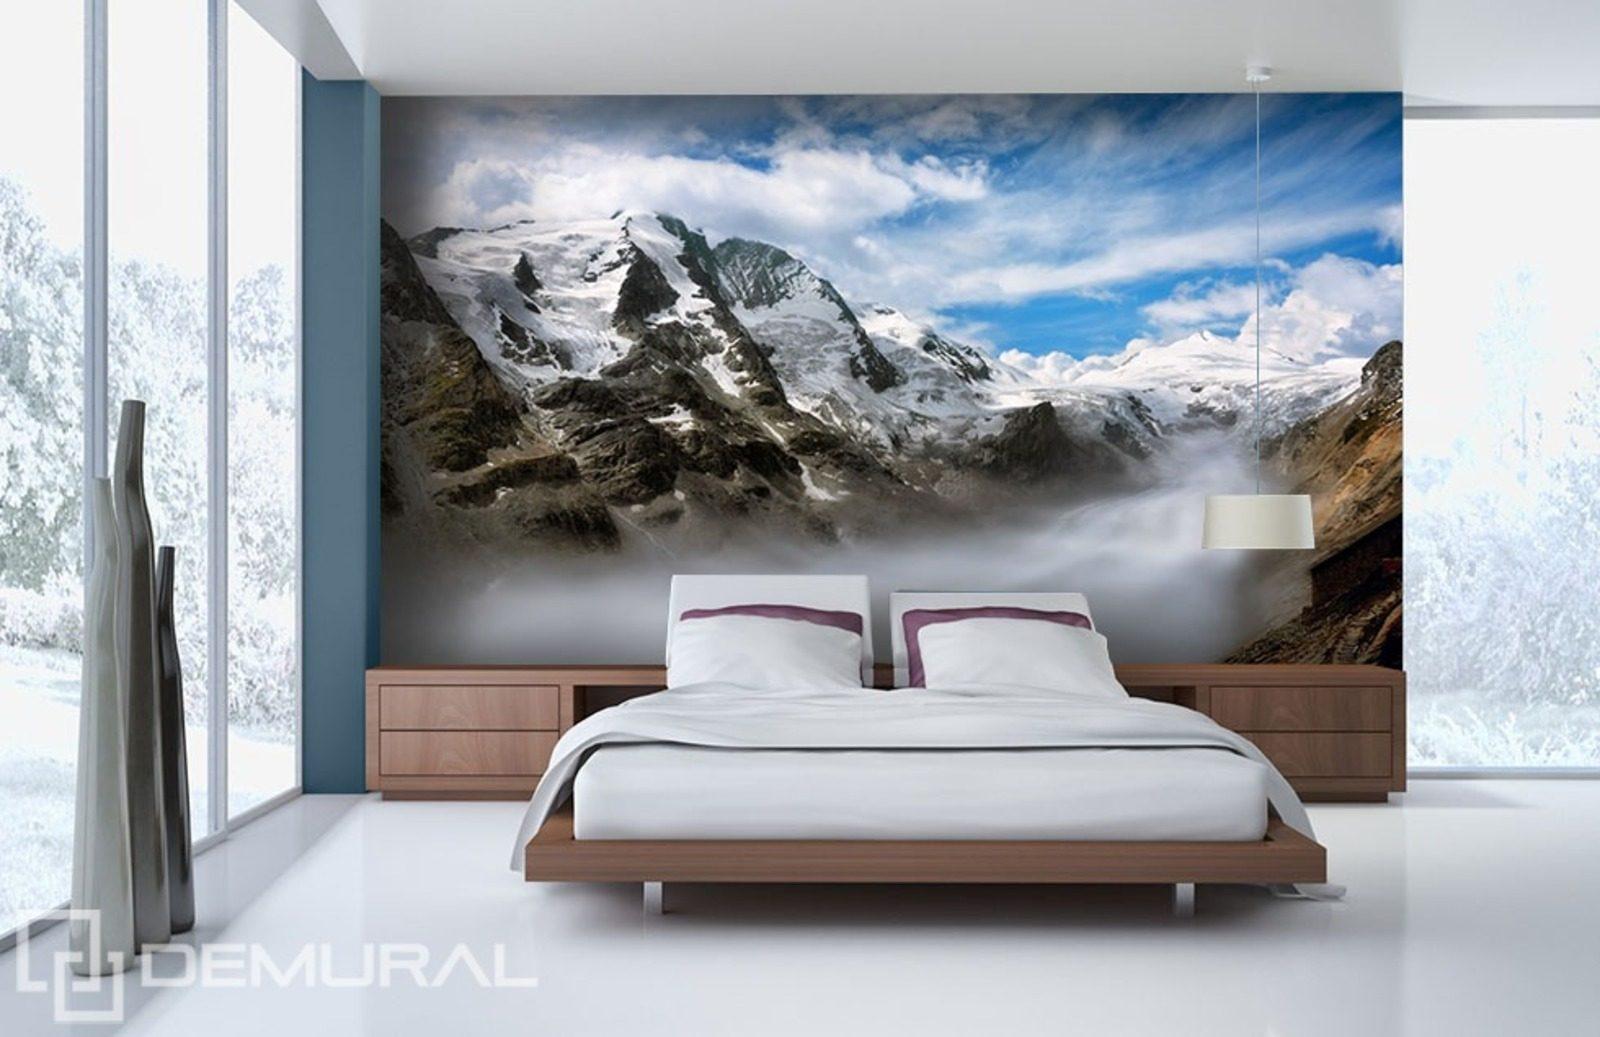 Fototapete vlies in den bergen tapete tapeten fototapeten for Wandtapete fur schlafzimmer